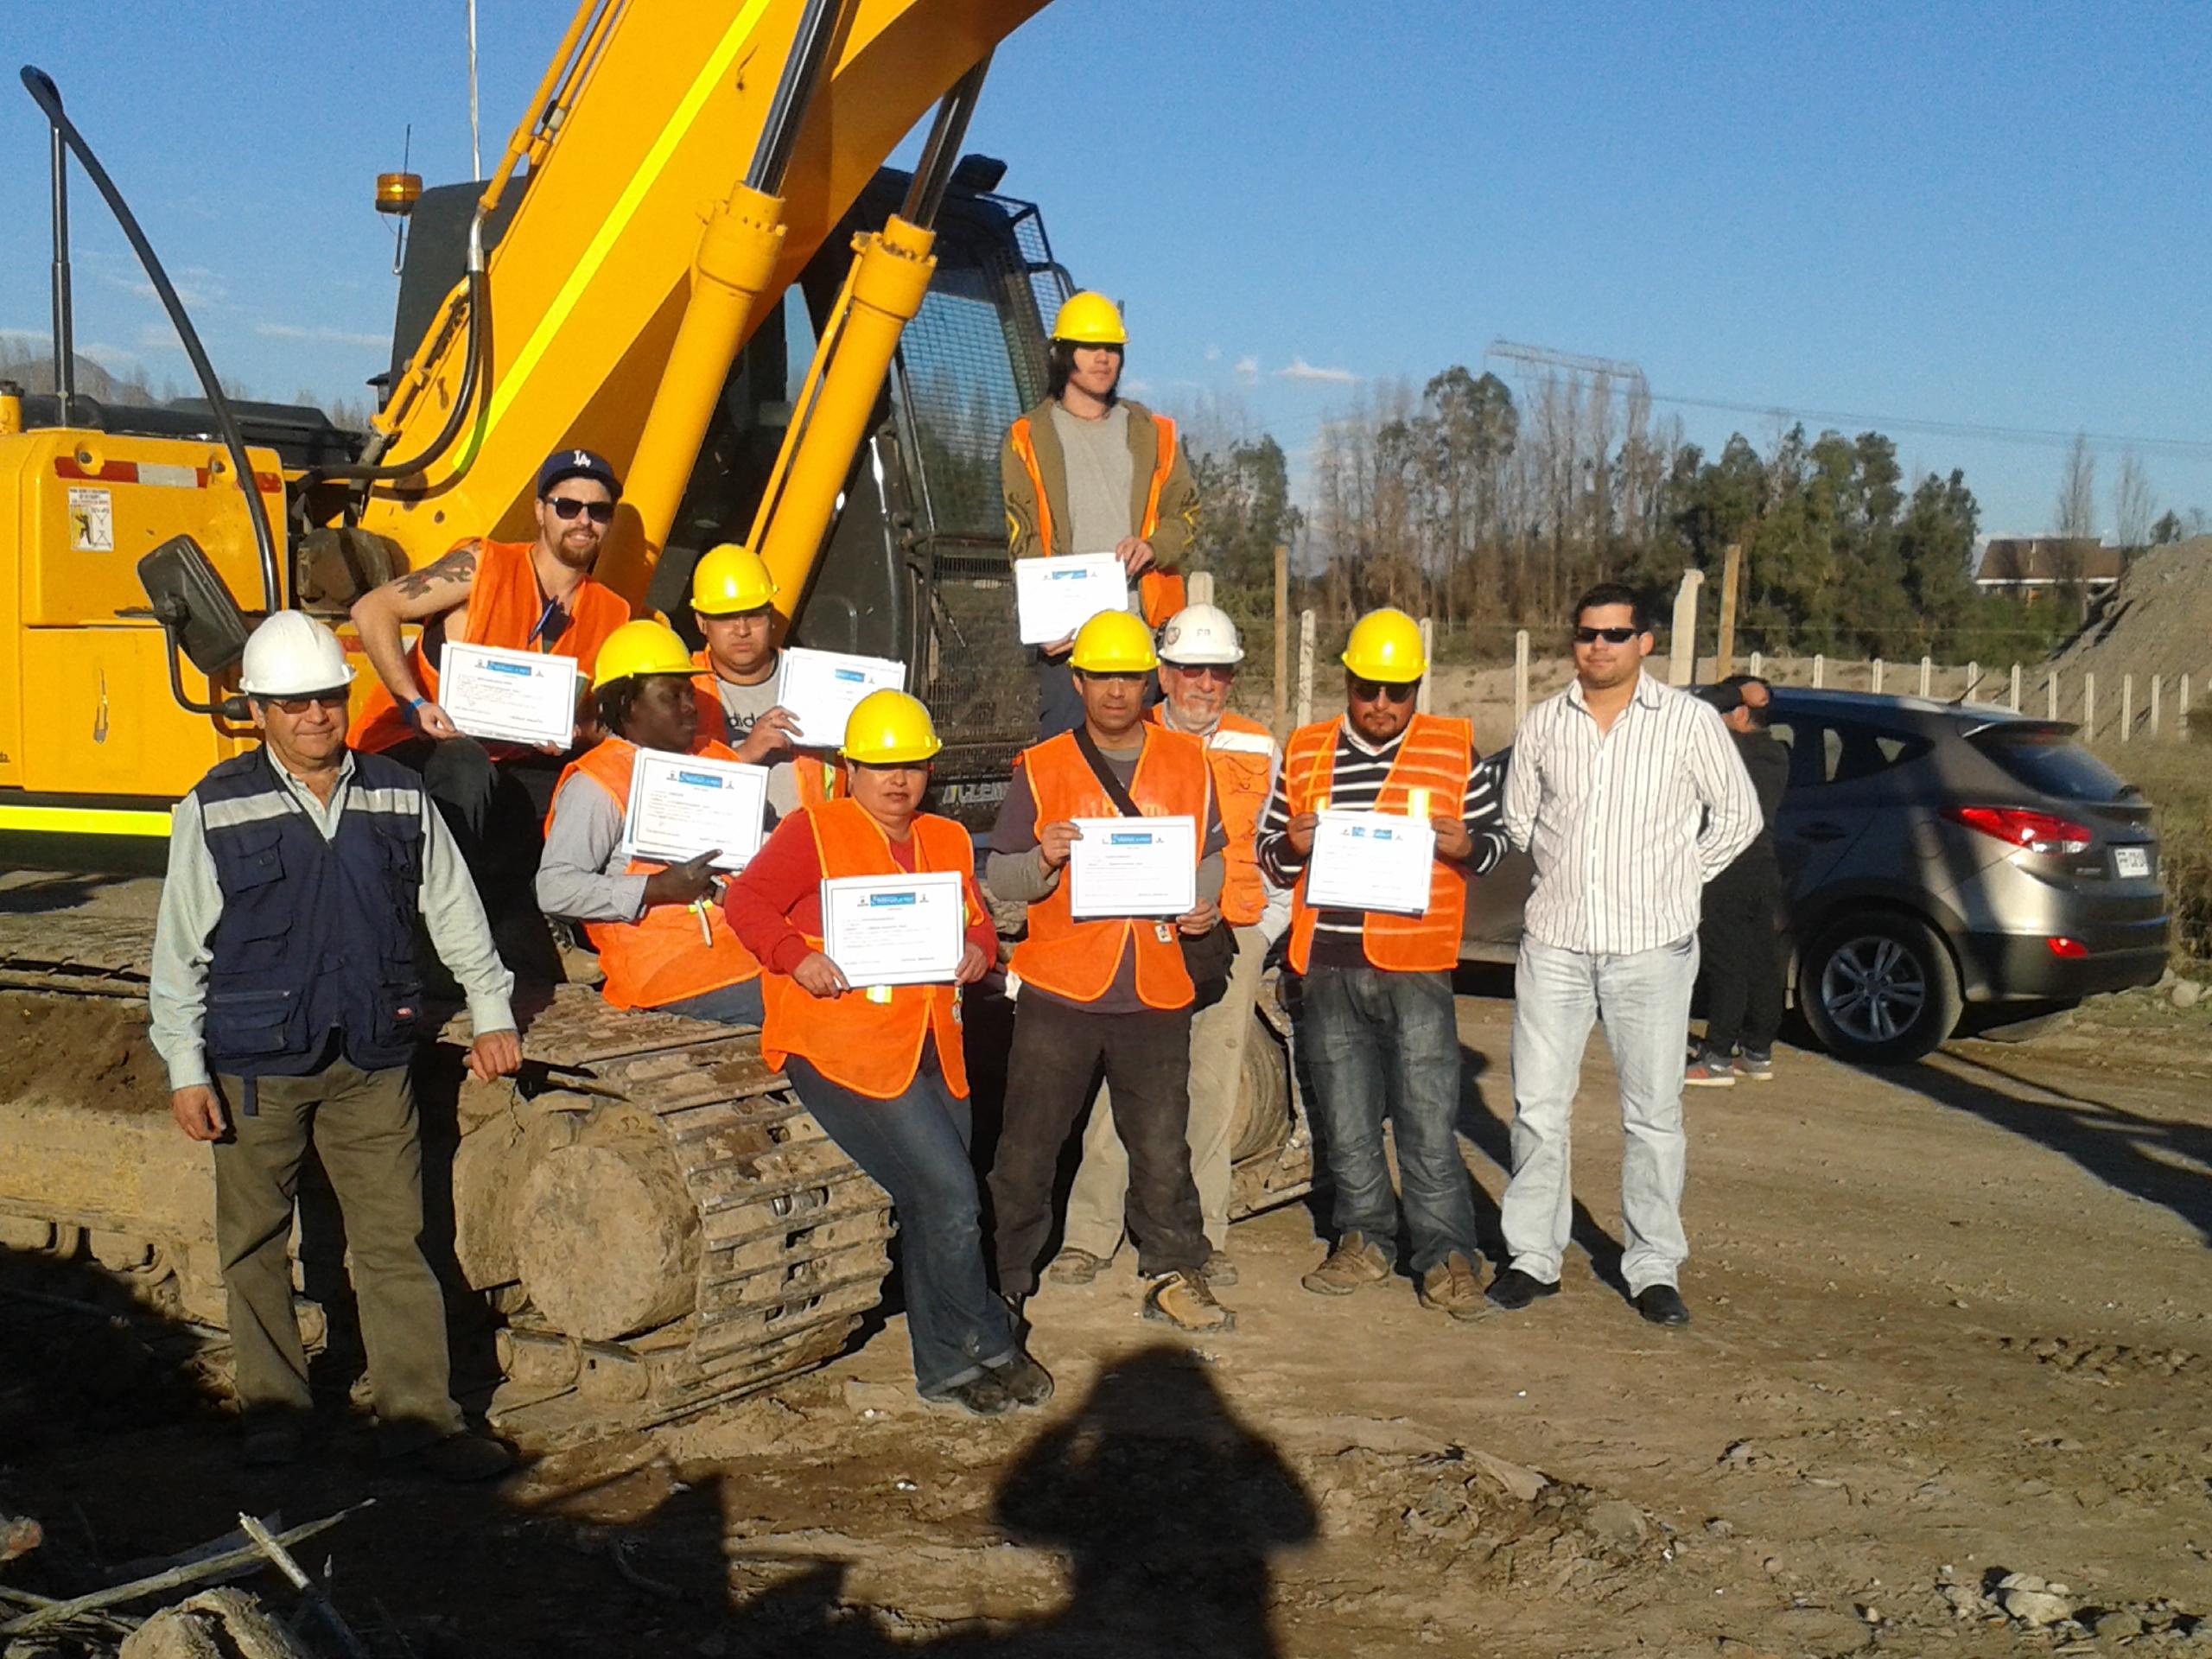 certificado curso maquinaria